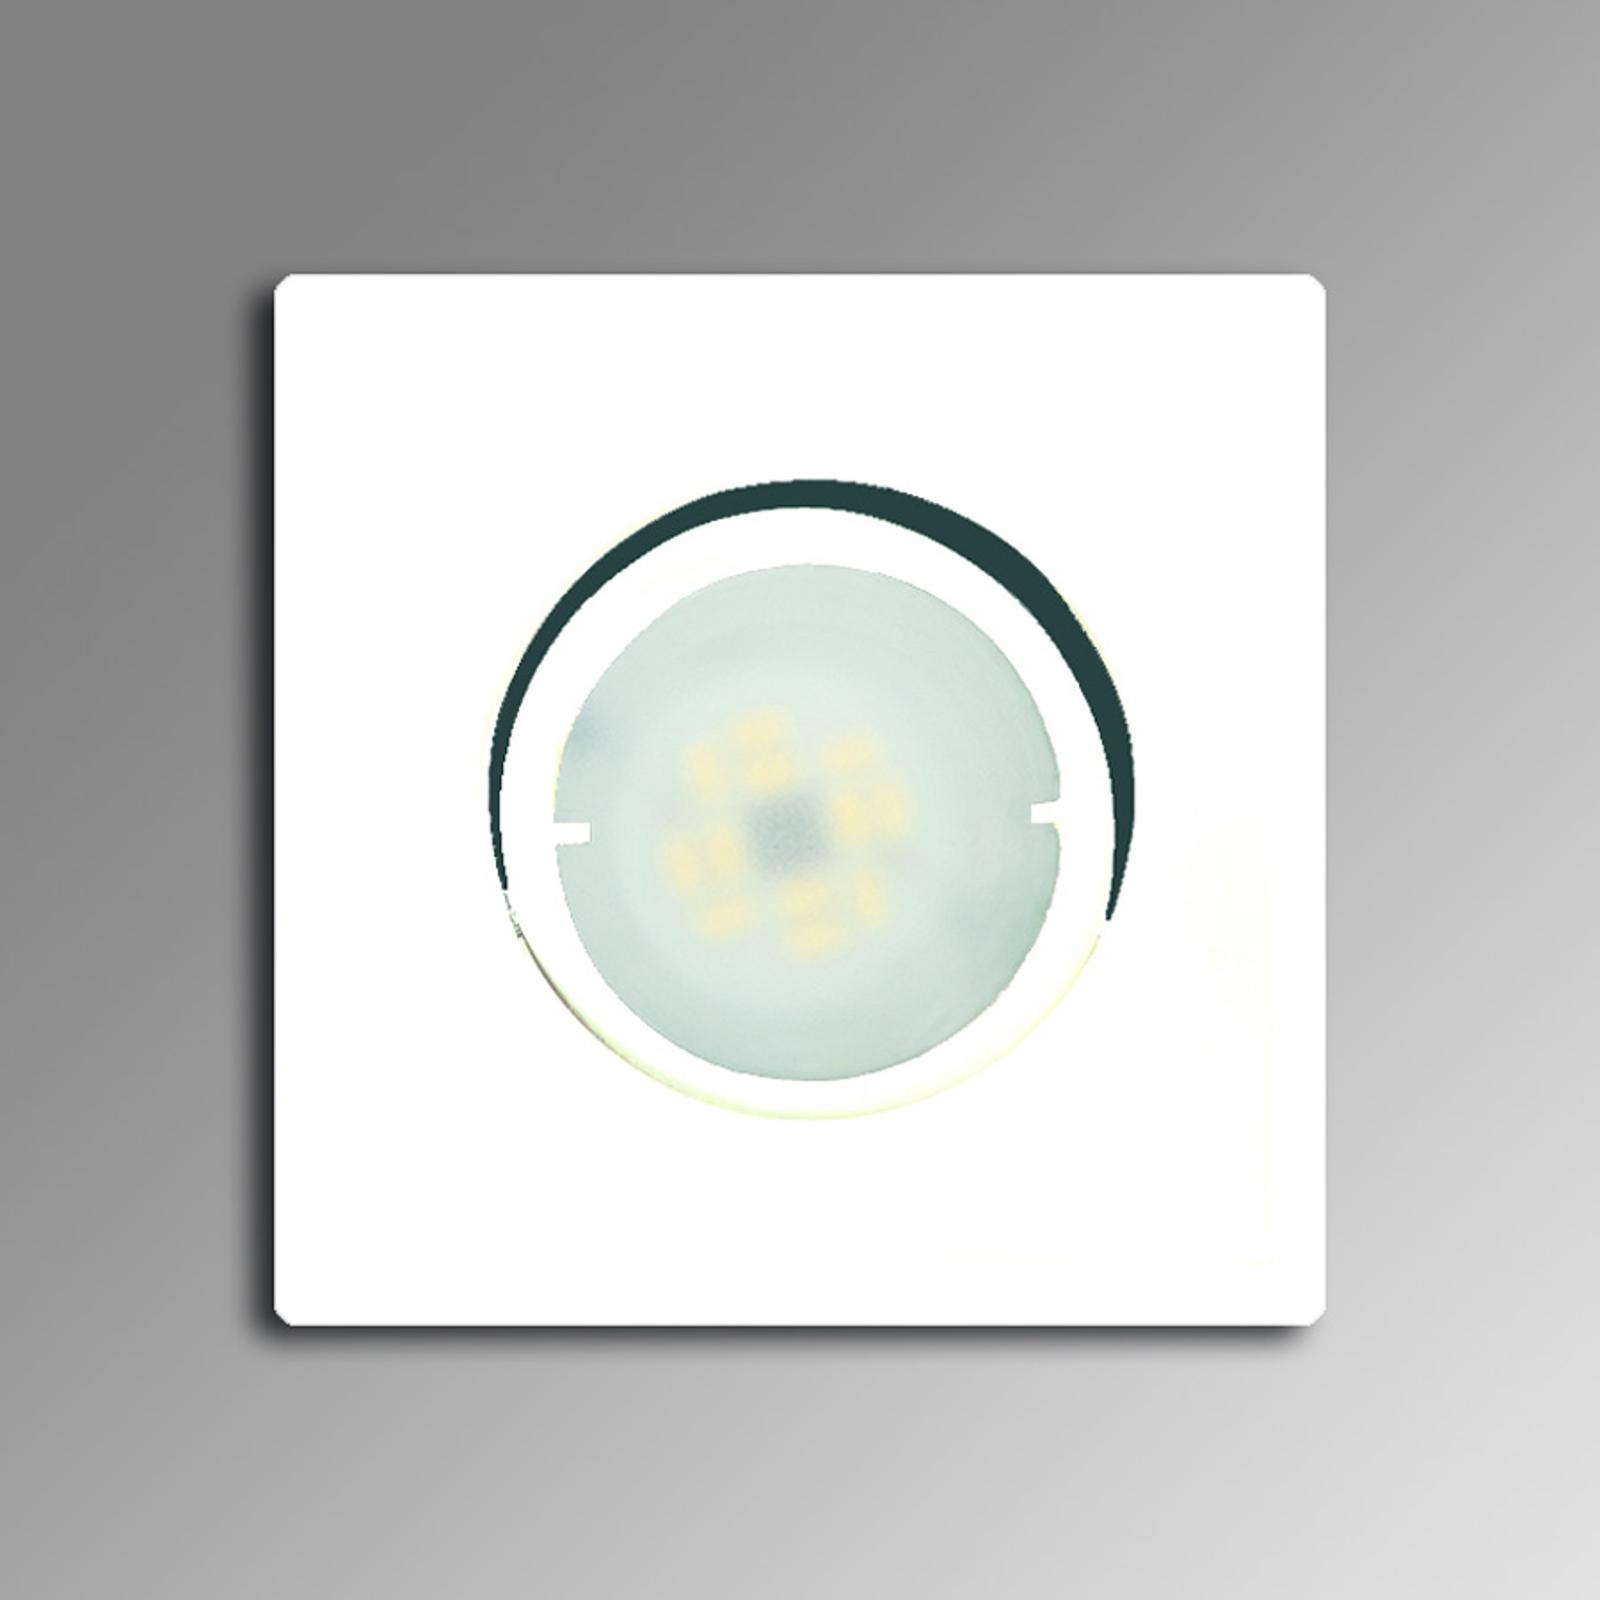 Joanie hvid LED-indbygningslampe, drejelig